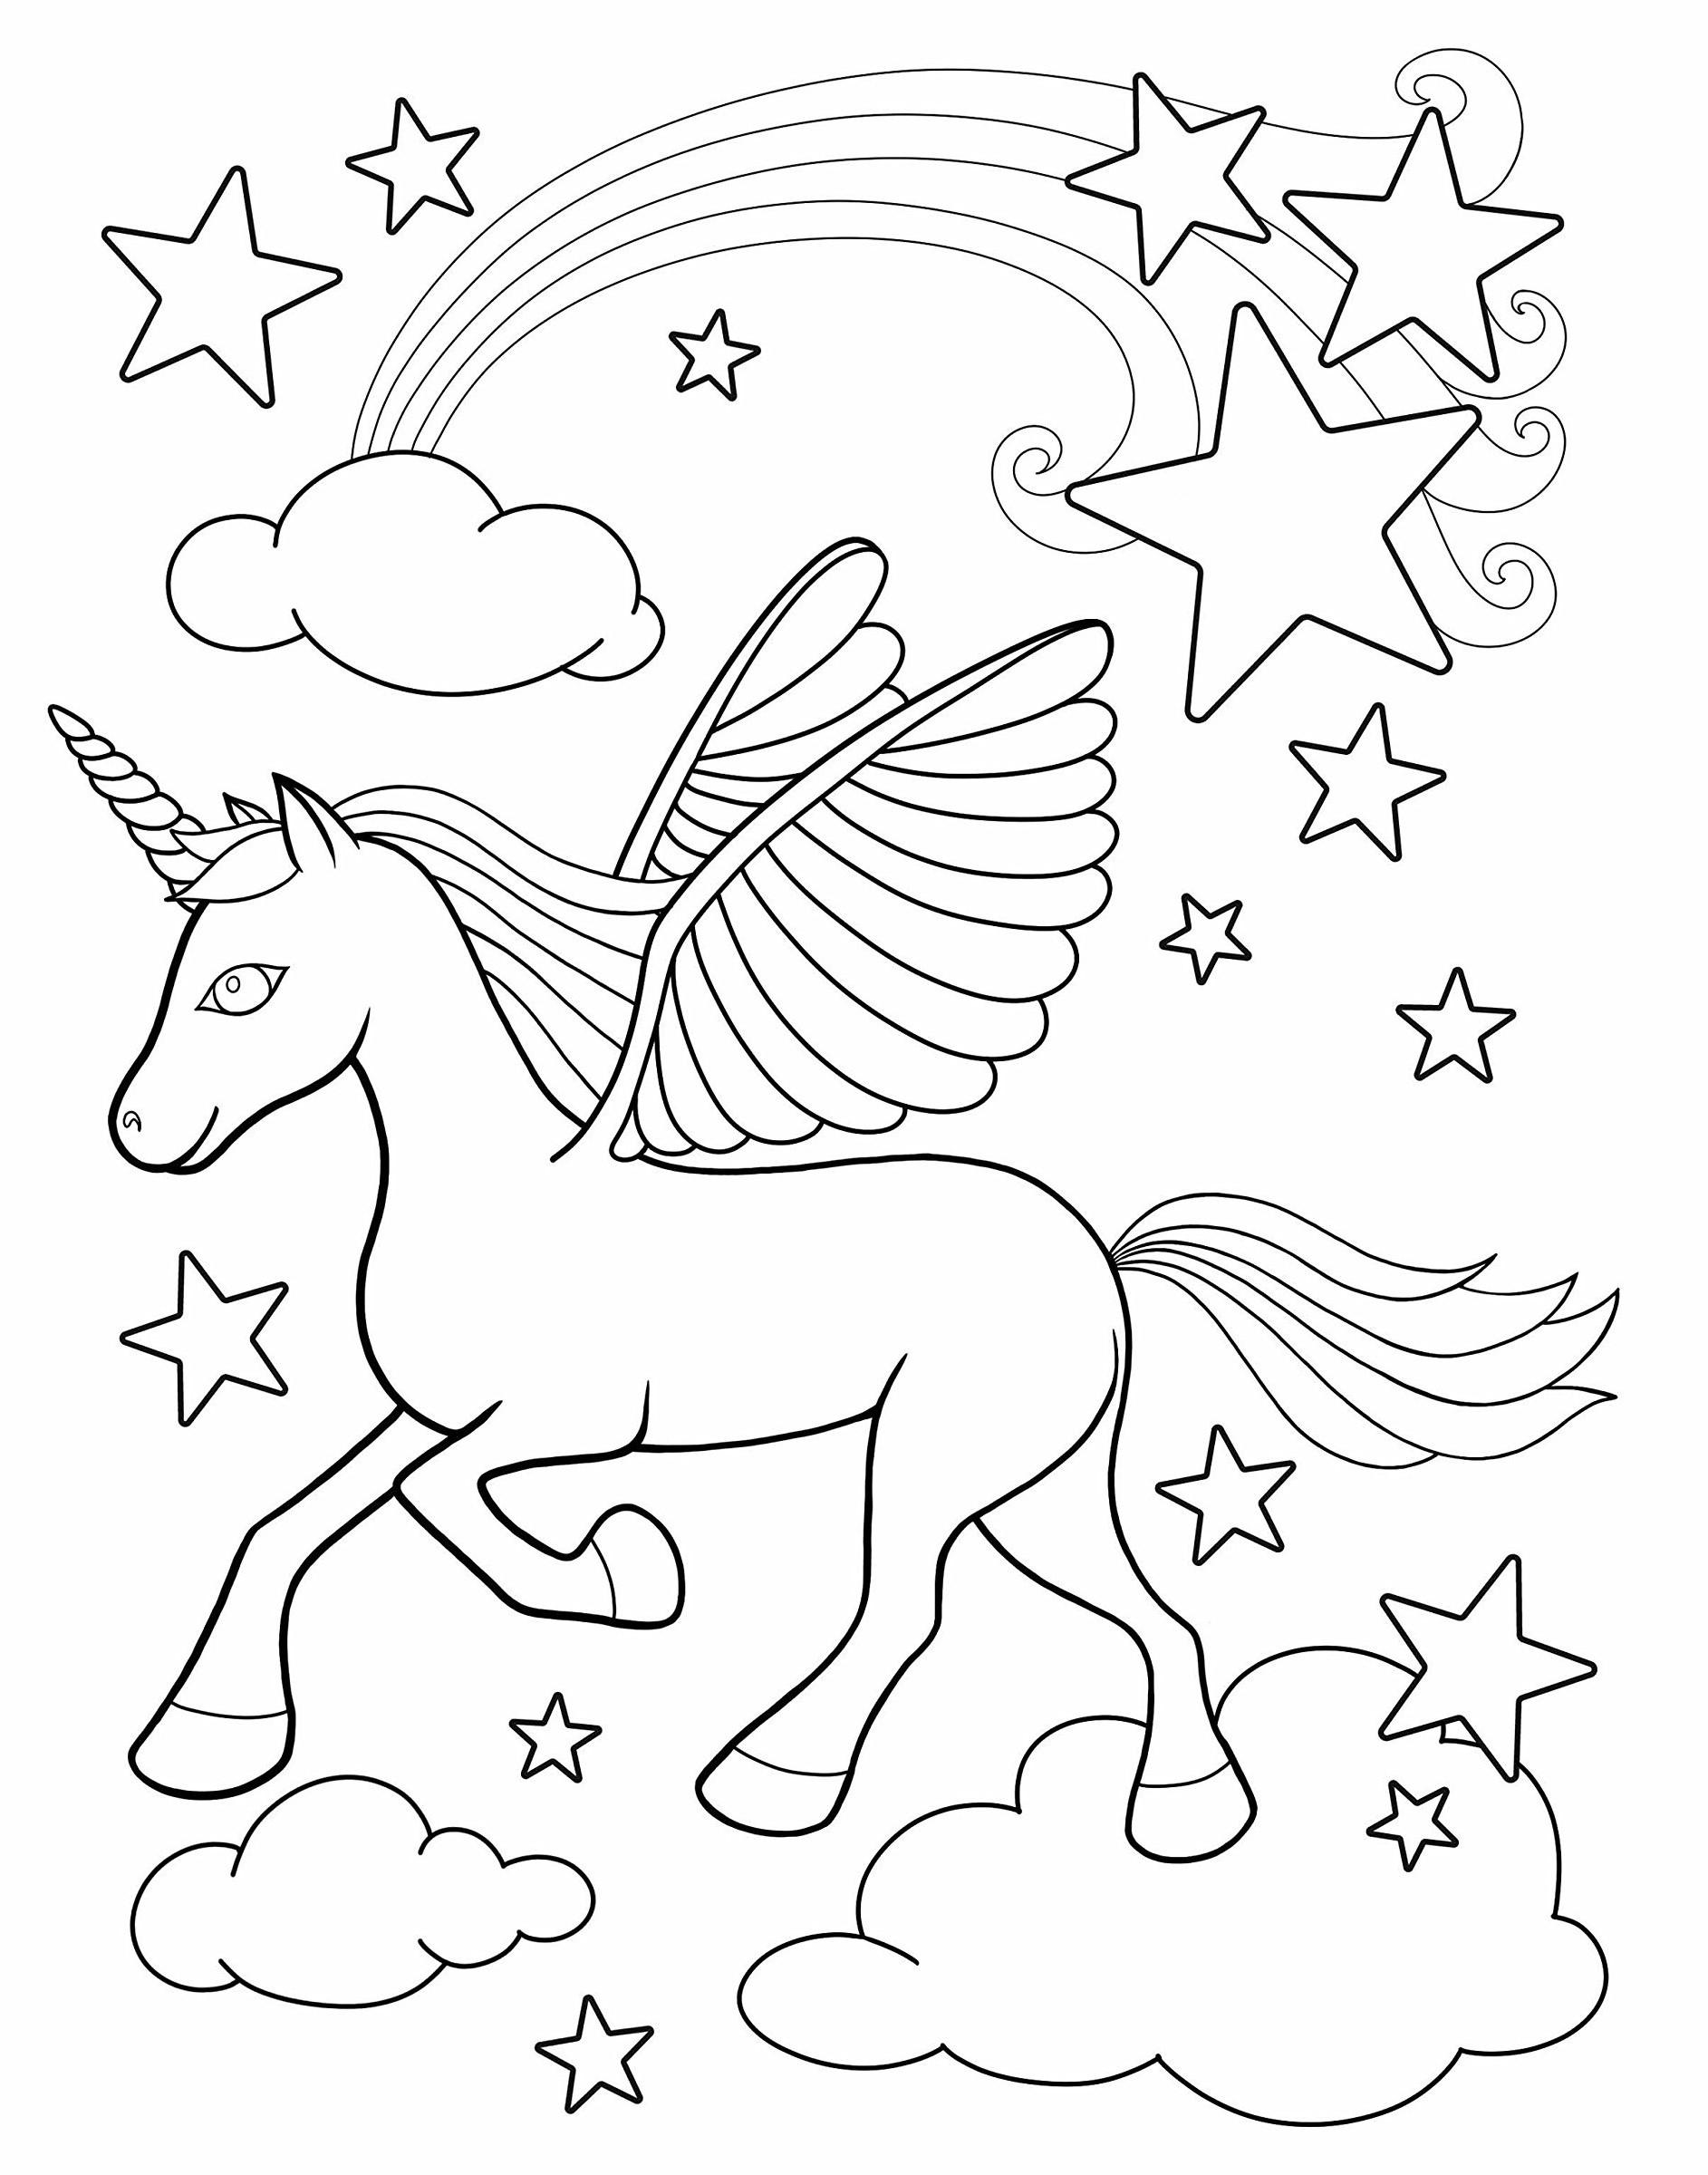 Раскраски антистресс для детей «Единорог на облаках», чтобы распечатать и раскрасить онлайн